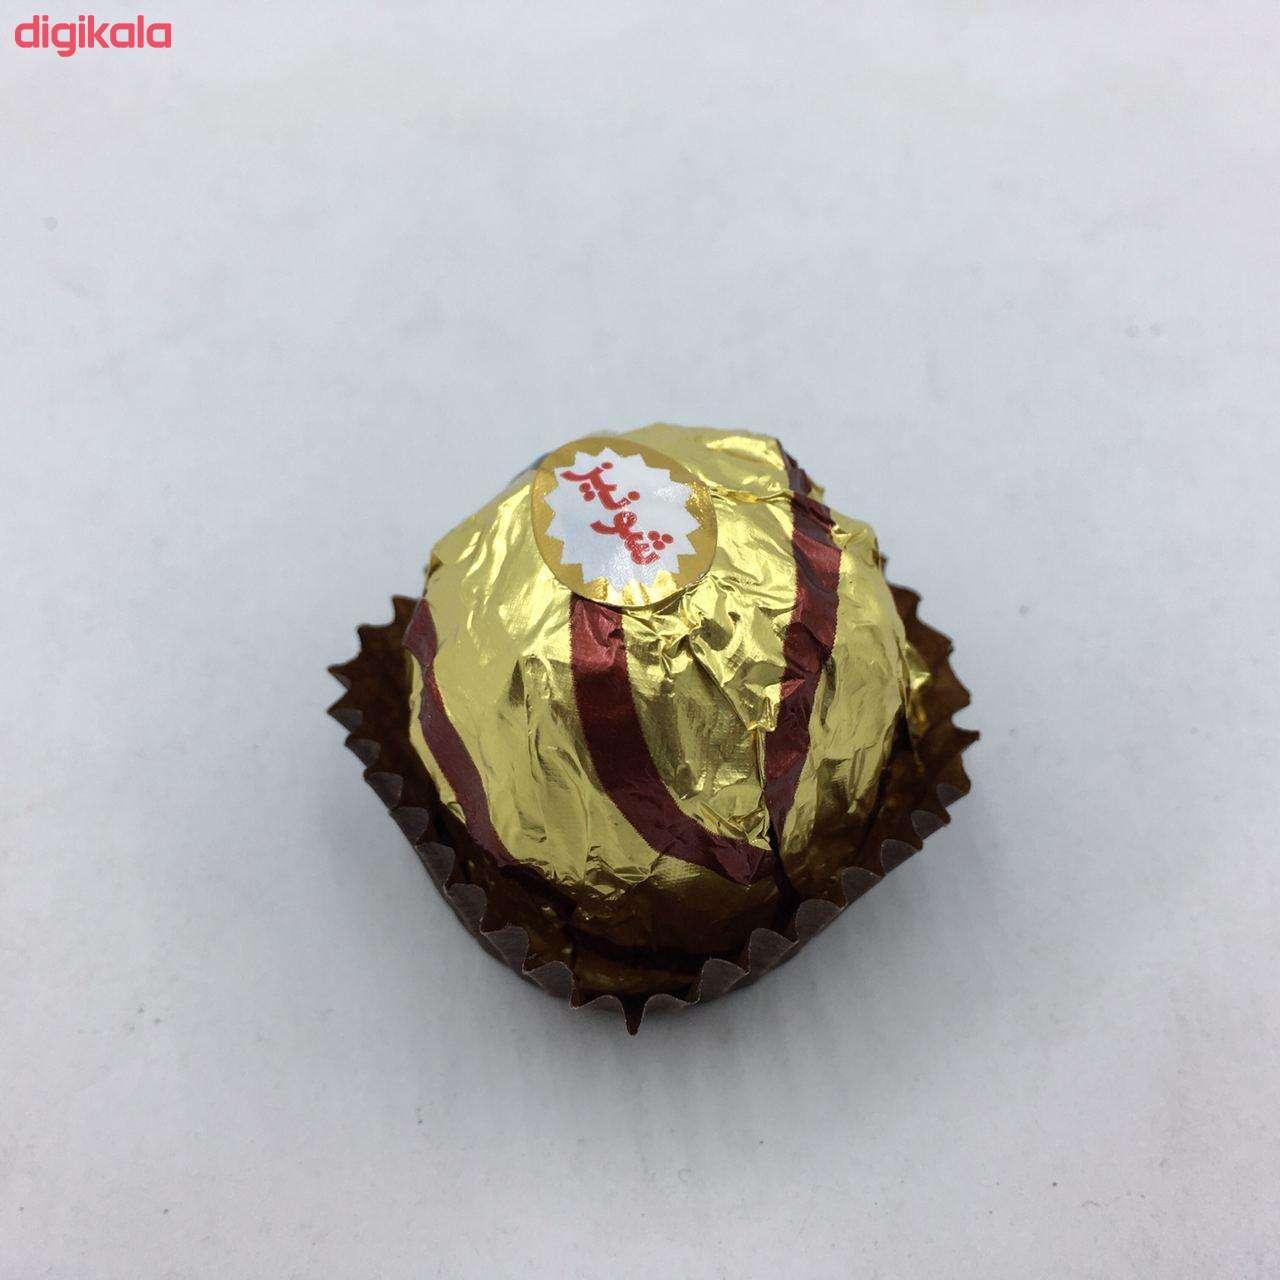 شکلات مغزدار شونیز طلایی - 200 گرمی main 1 1